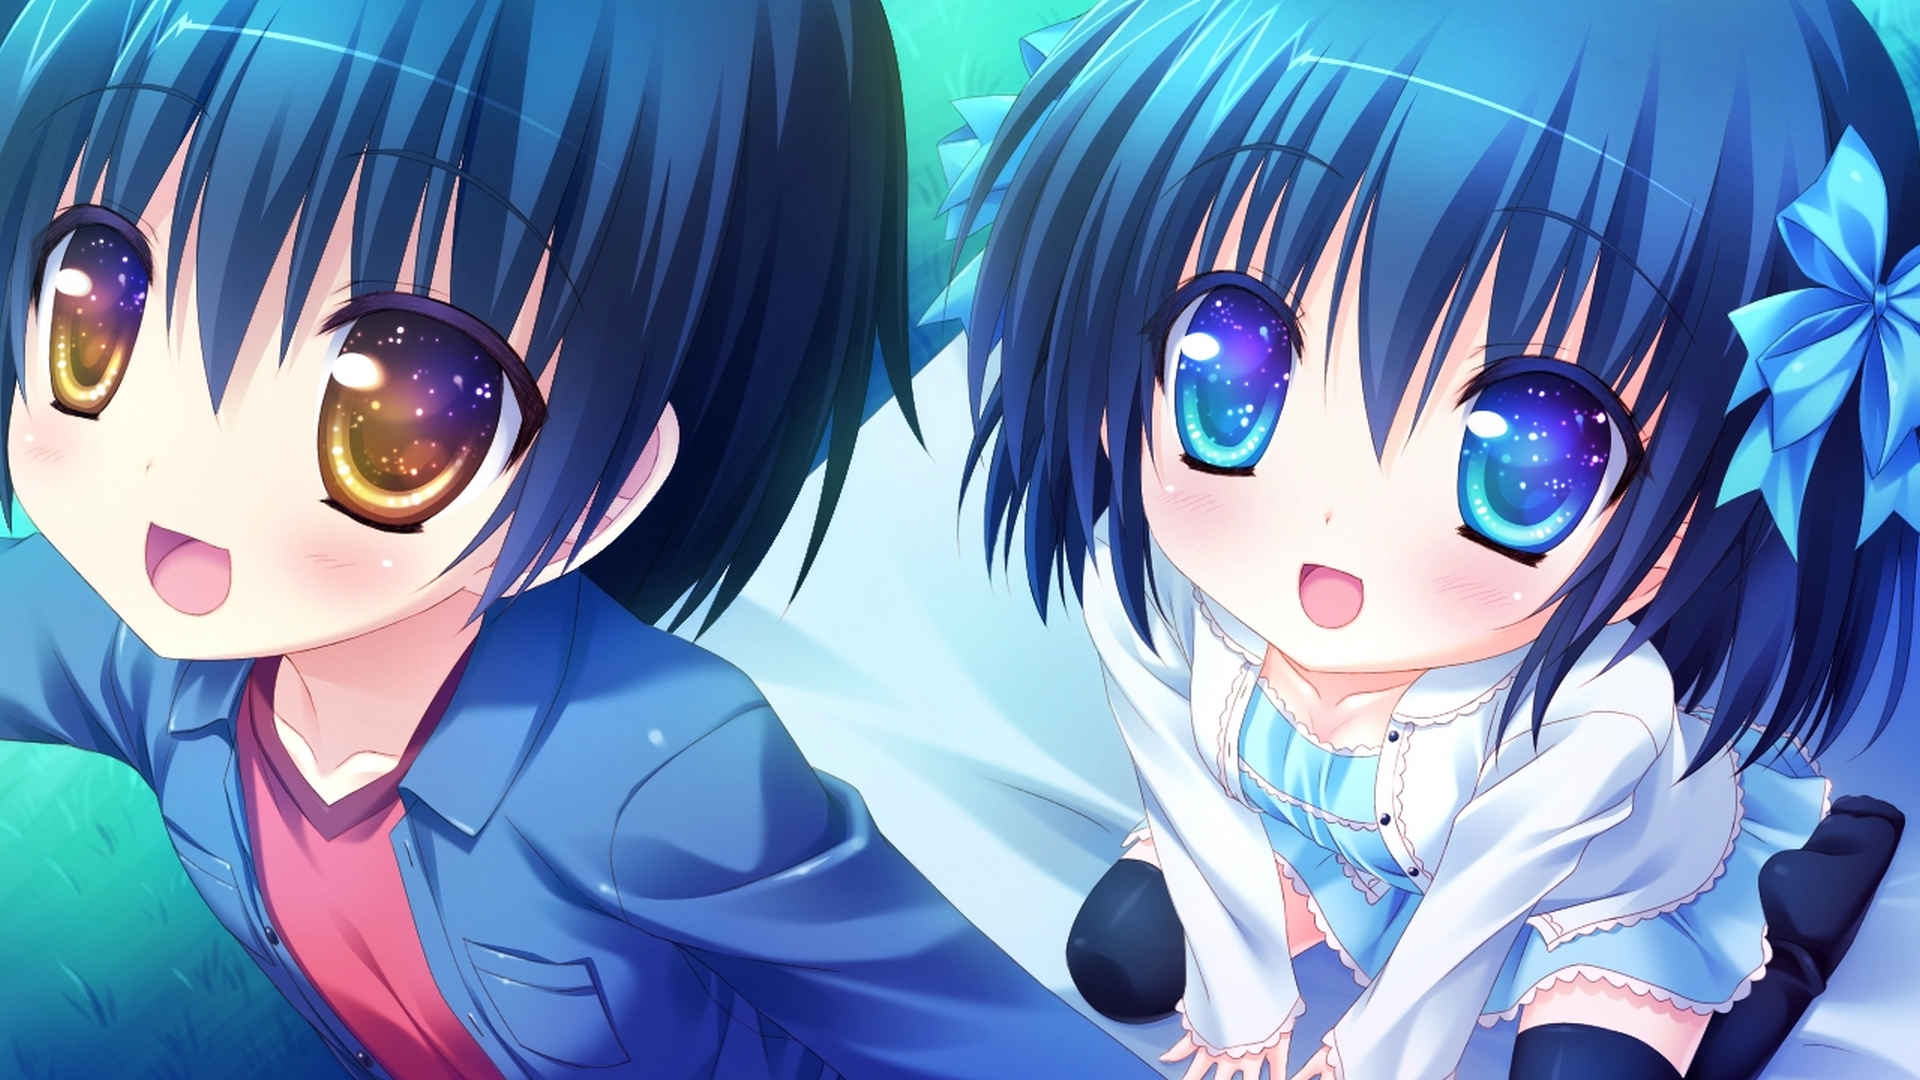 Boy And Girl Hug Wallpapers Anime Love Image 11